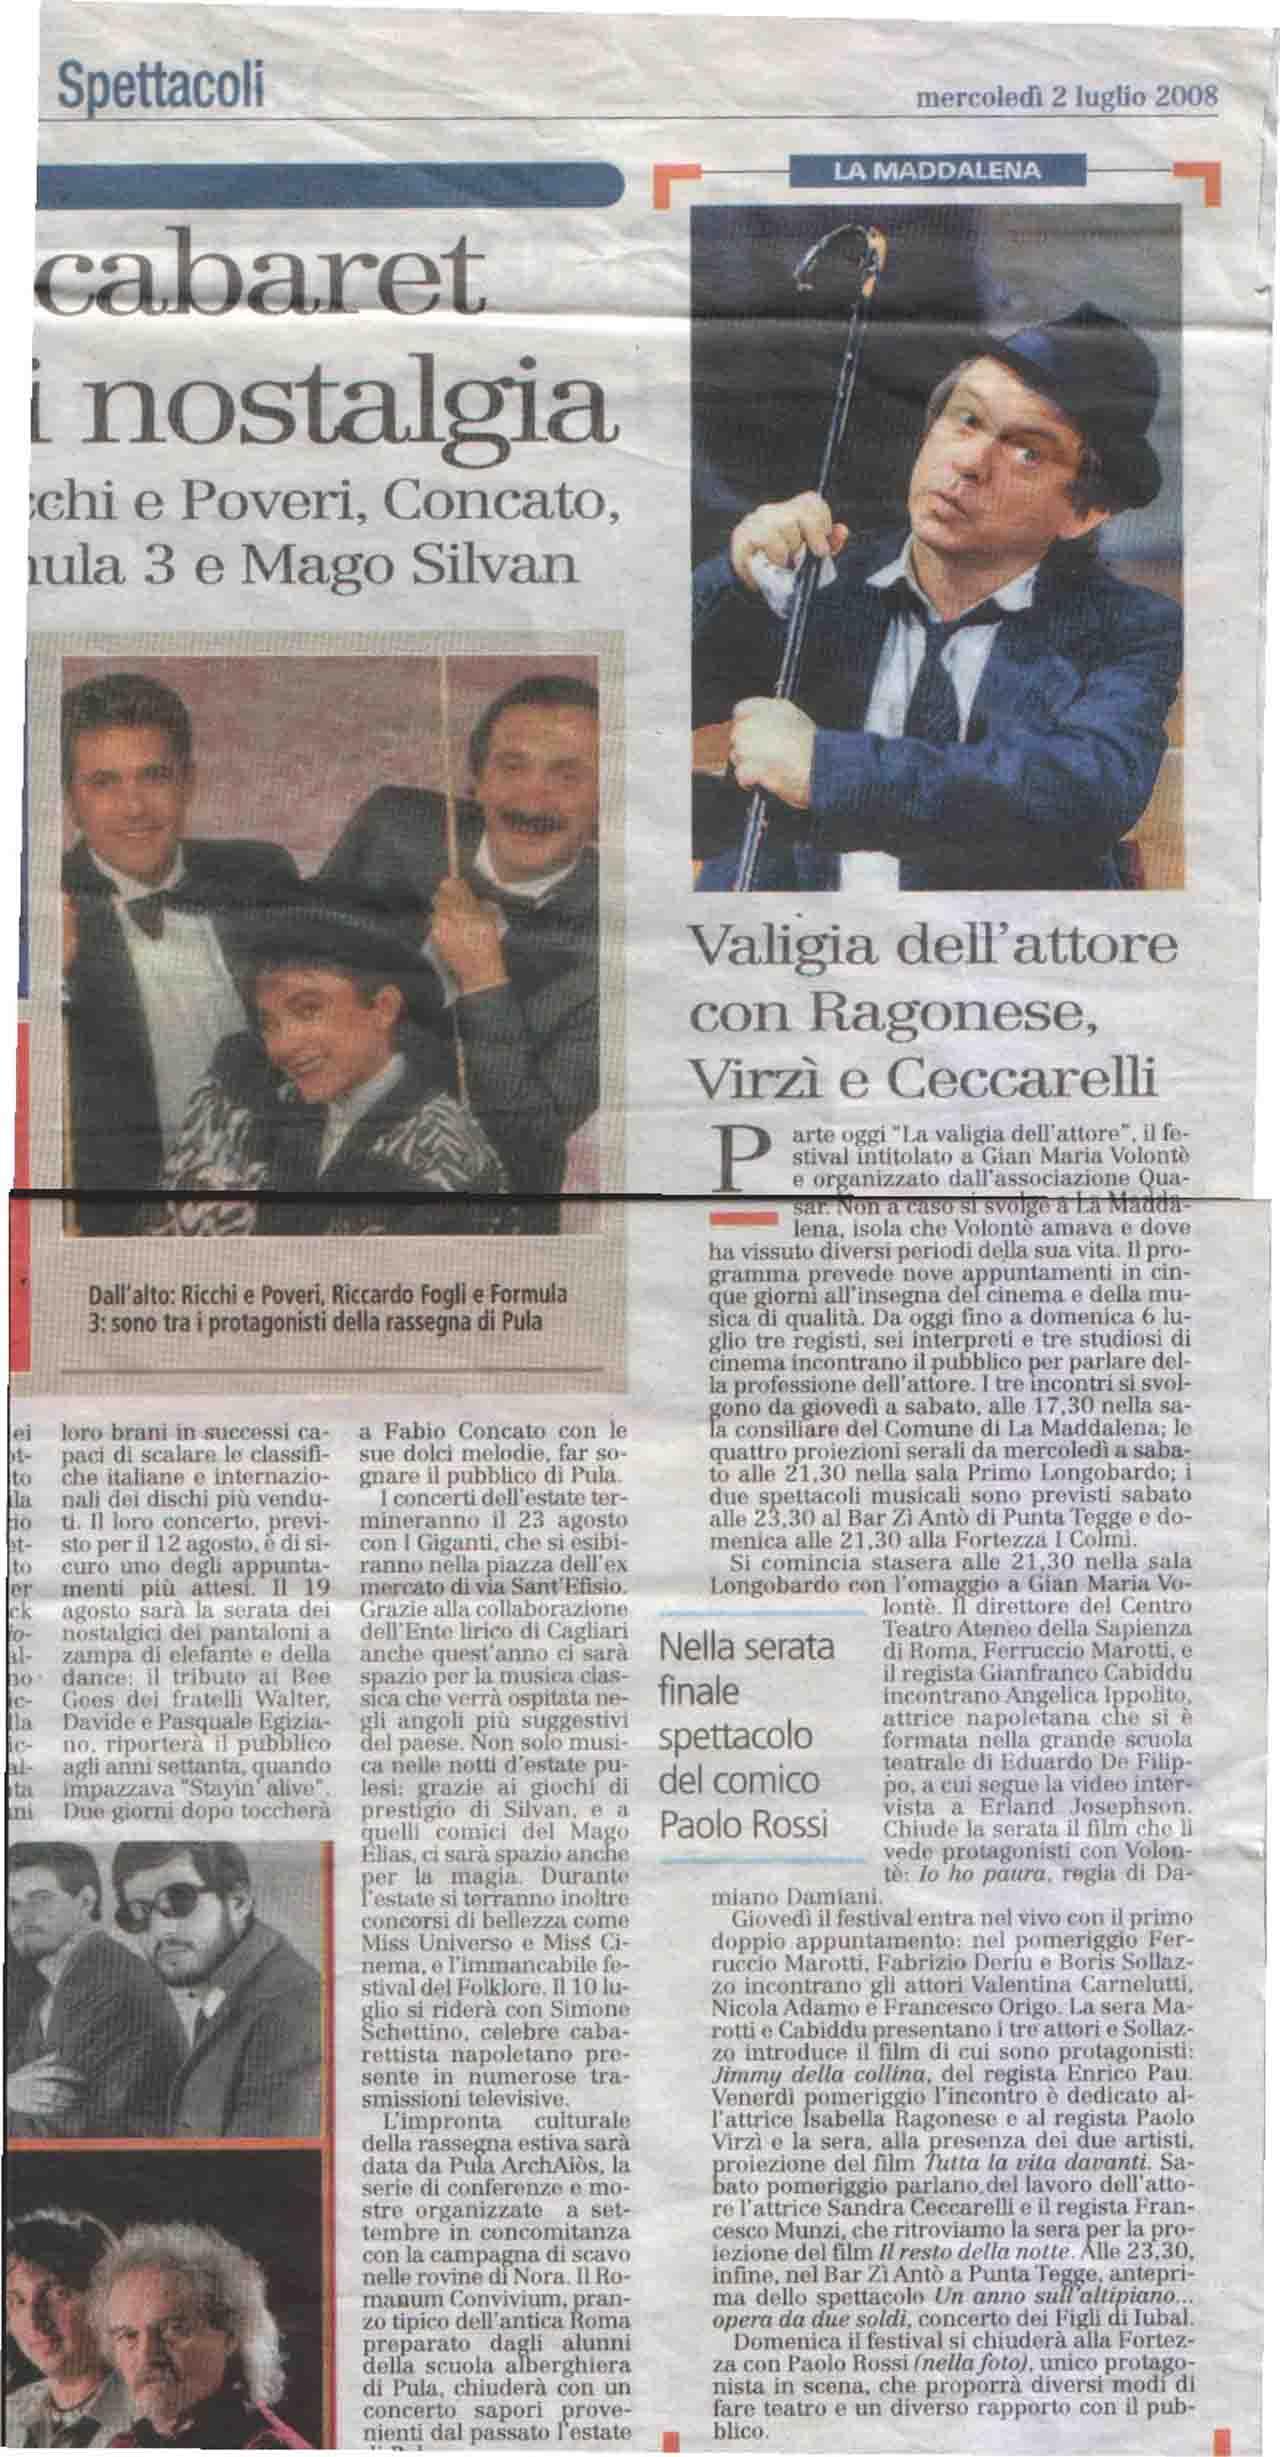 02-07-08 L'Unione sarda Estate Spettacoli - Copia